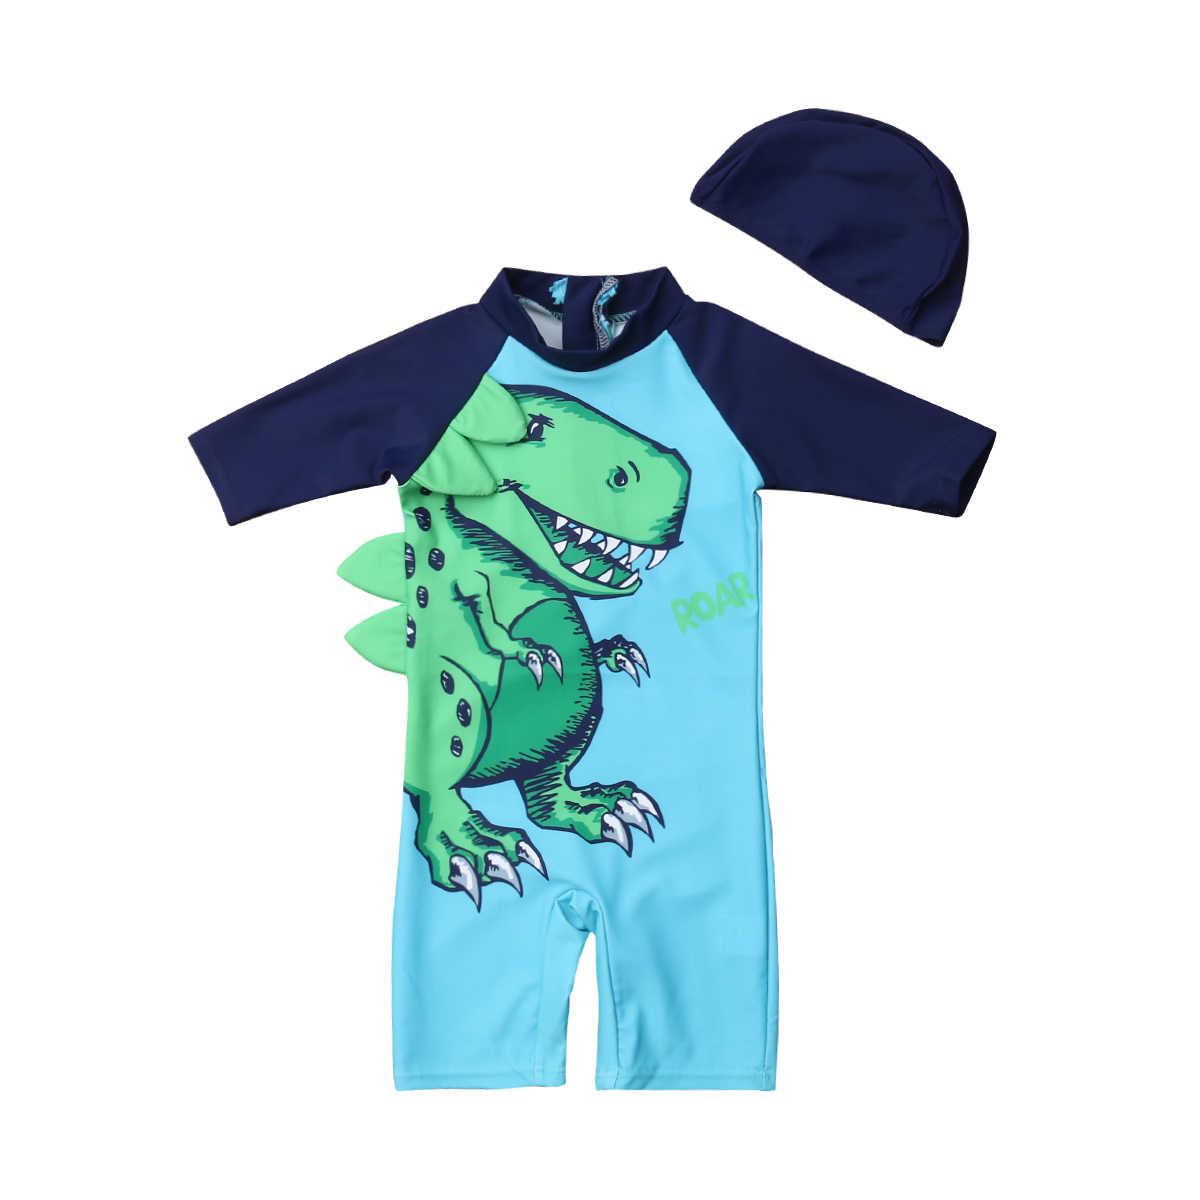 2019 العلامة التجارية الجديدة الرضع طفل طفل 2 قطعة الاطفال الفتيان الشمس واقية ديناصور طباعة ملابس السباحة طفح الحرس زي لباس سباحة 1 -6T